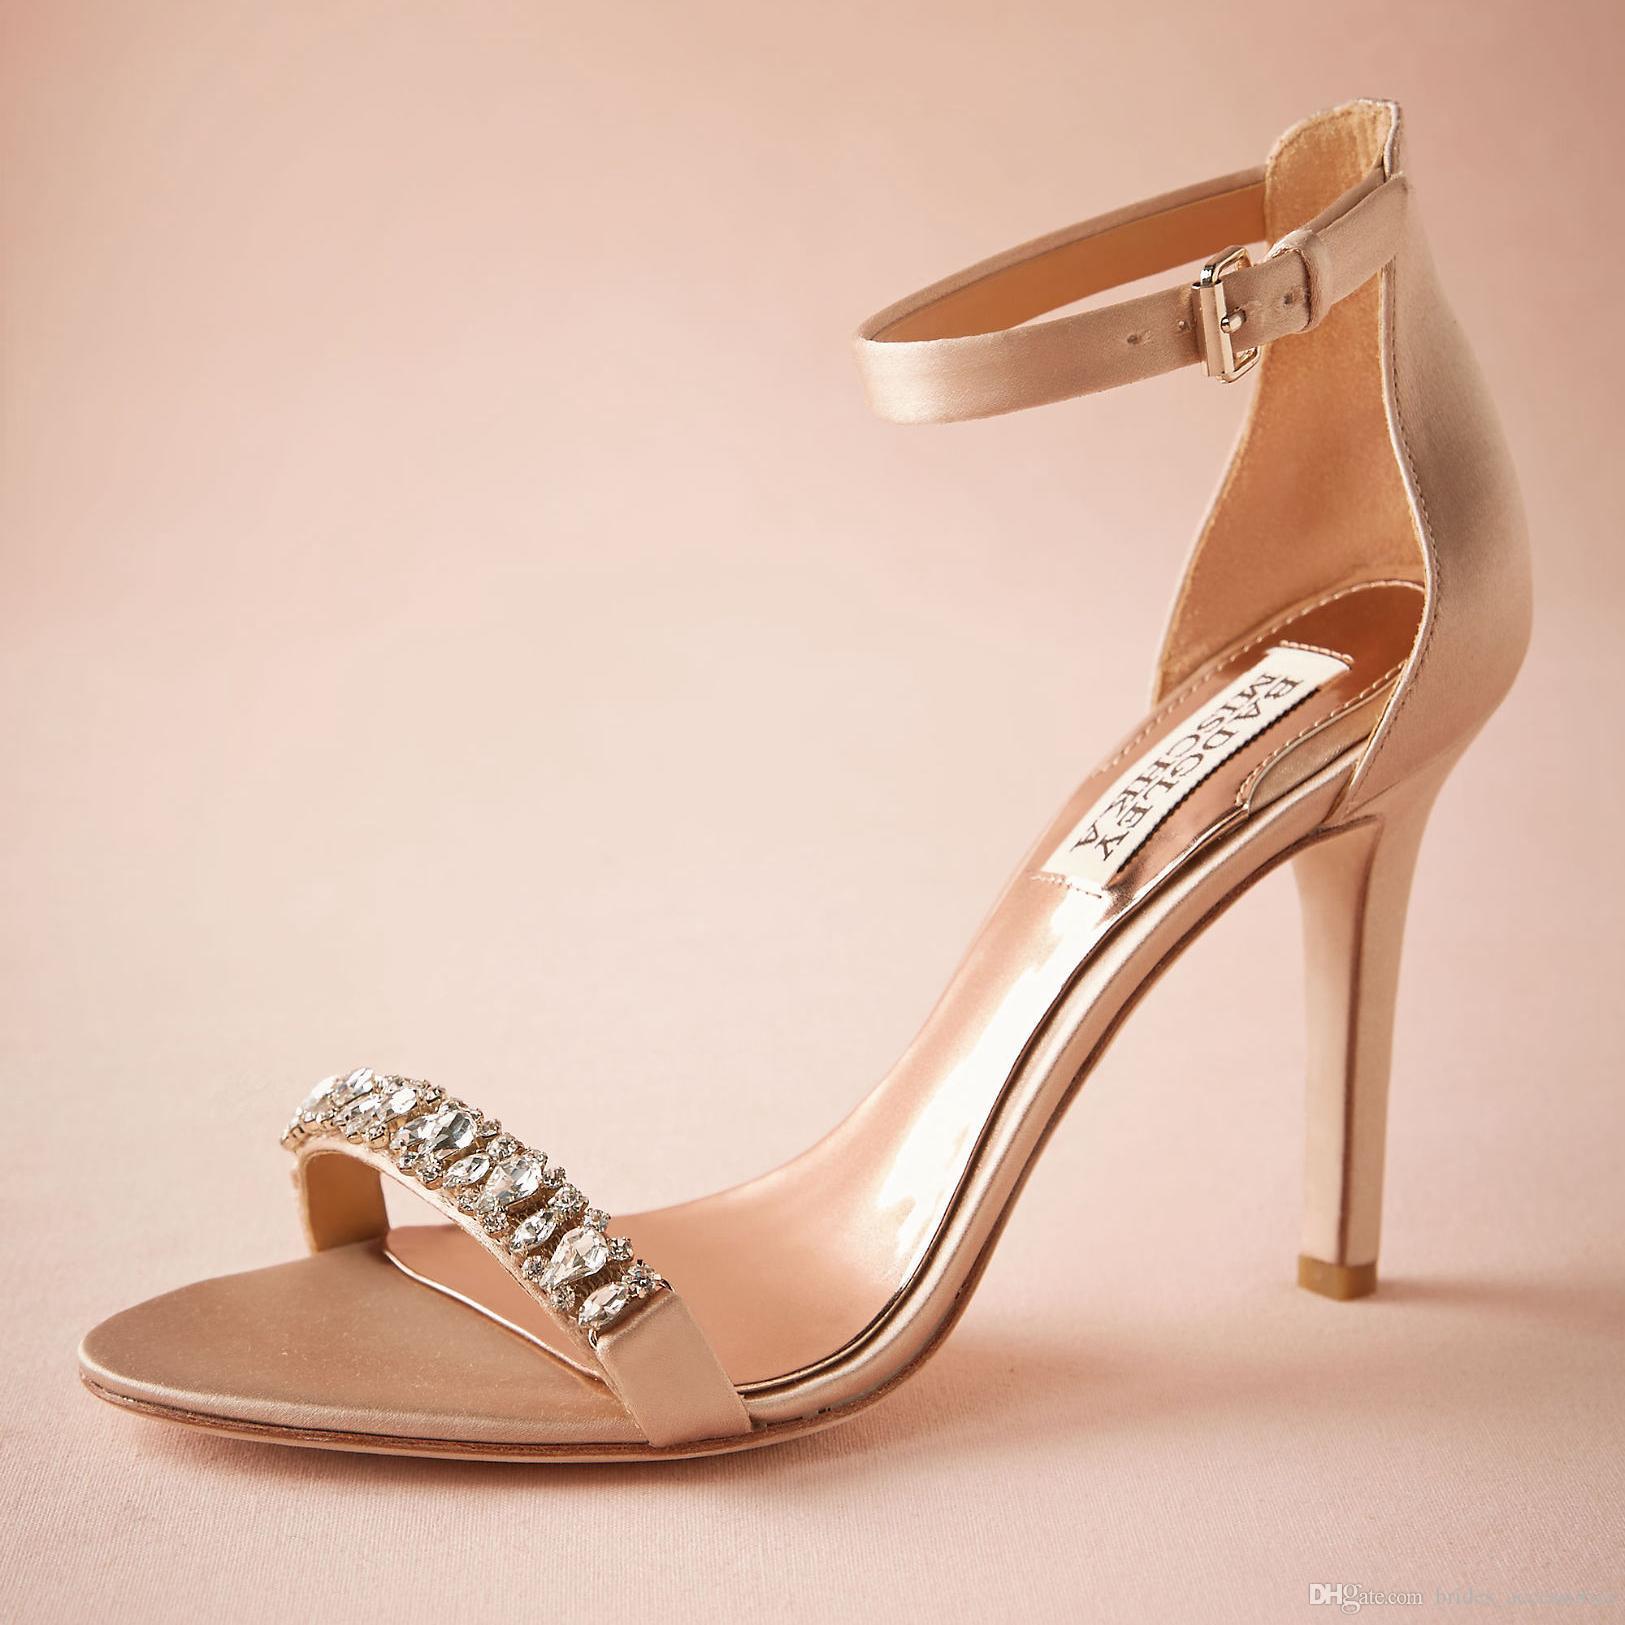 """Mode Blush Chaussures De Mariage 3,5 """"Satin Enveloppé Talons Cristaux Détails Femmes Sandale Old Hollywood Glamour Bijoux Boîte À Talons Made-to-order"""